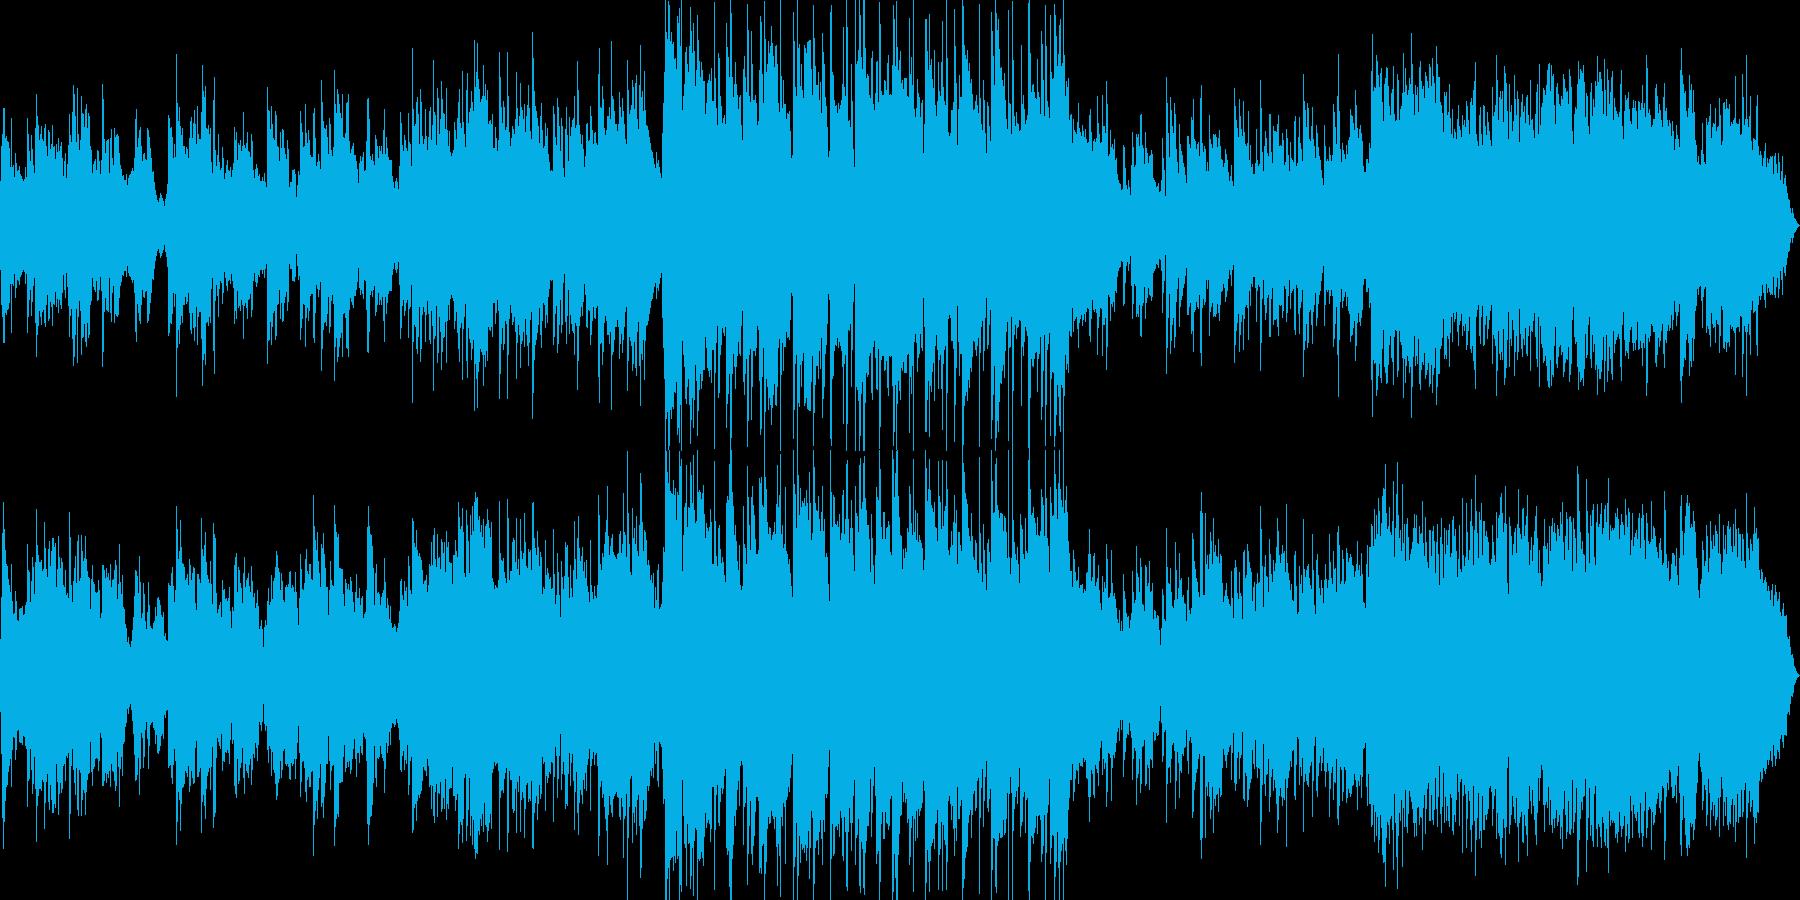 ピアノとギターの爽やかなバラード風BGMの再生済みの波形